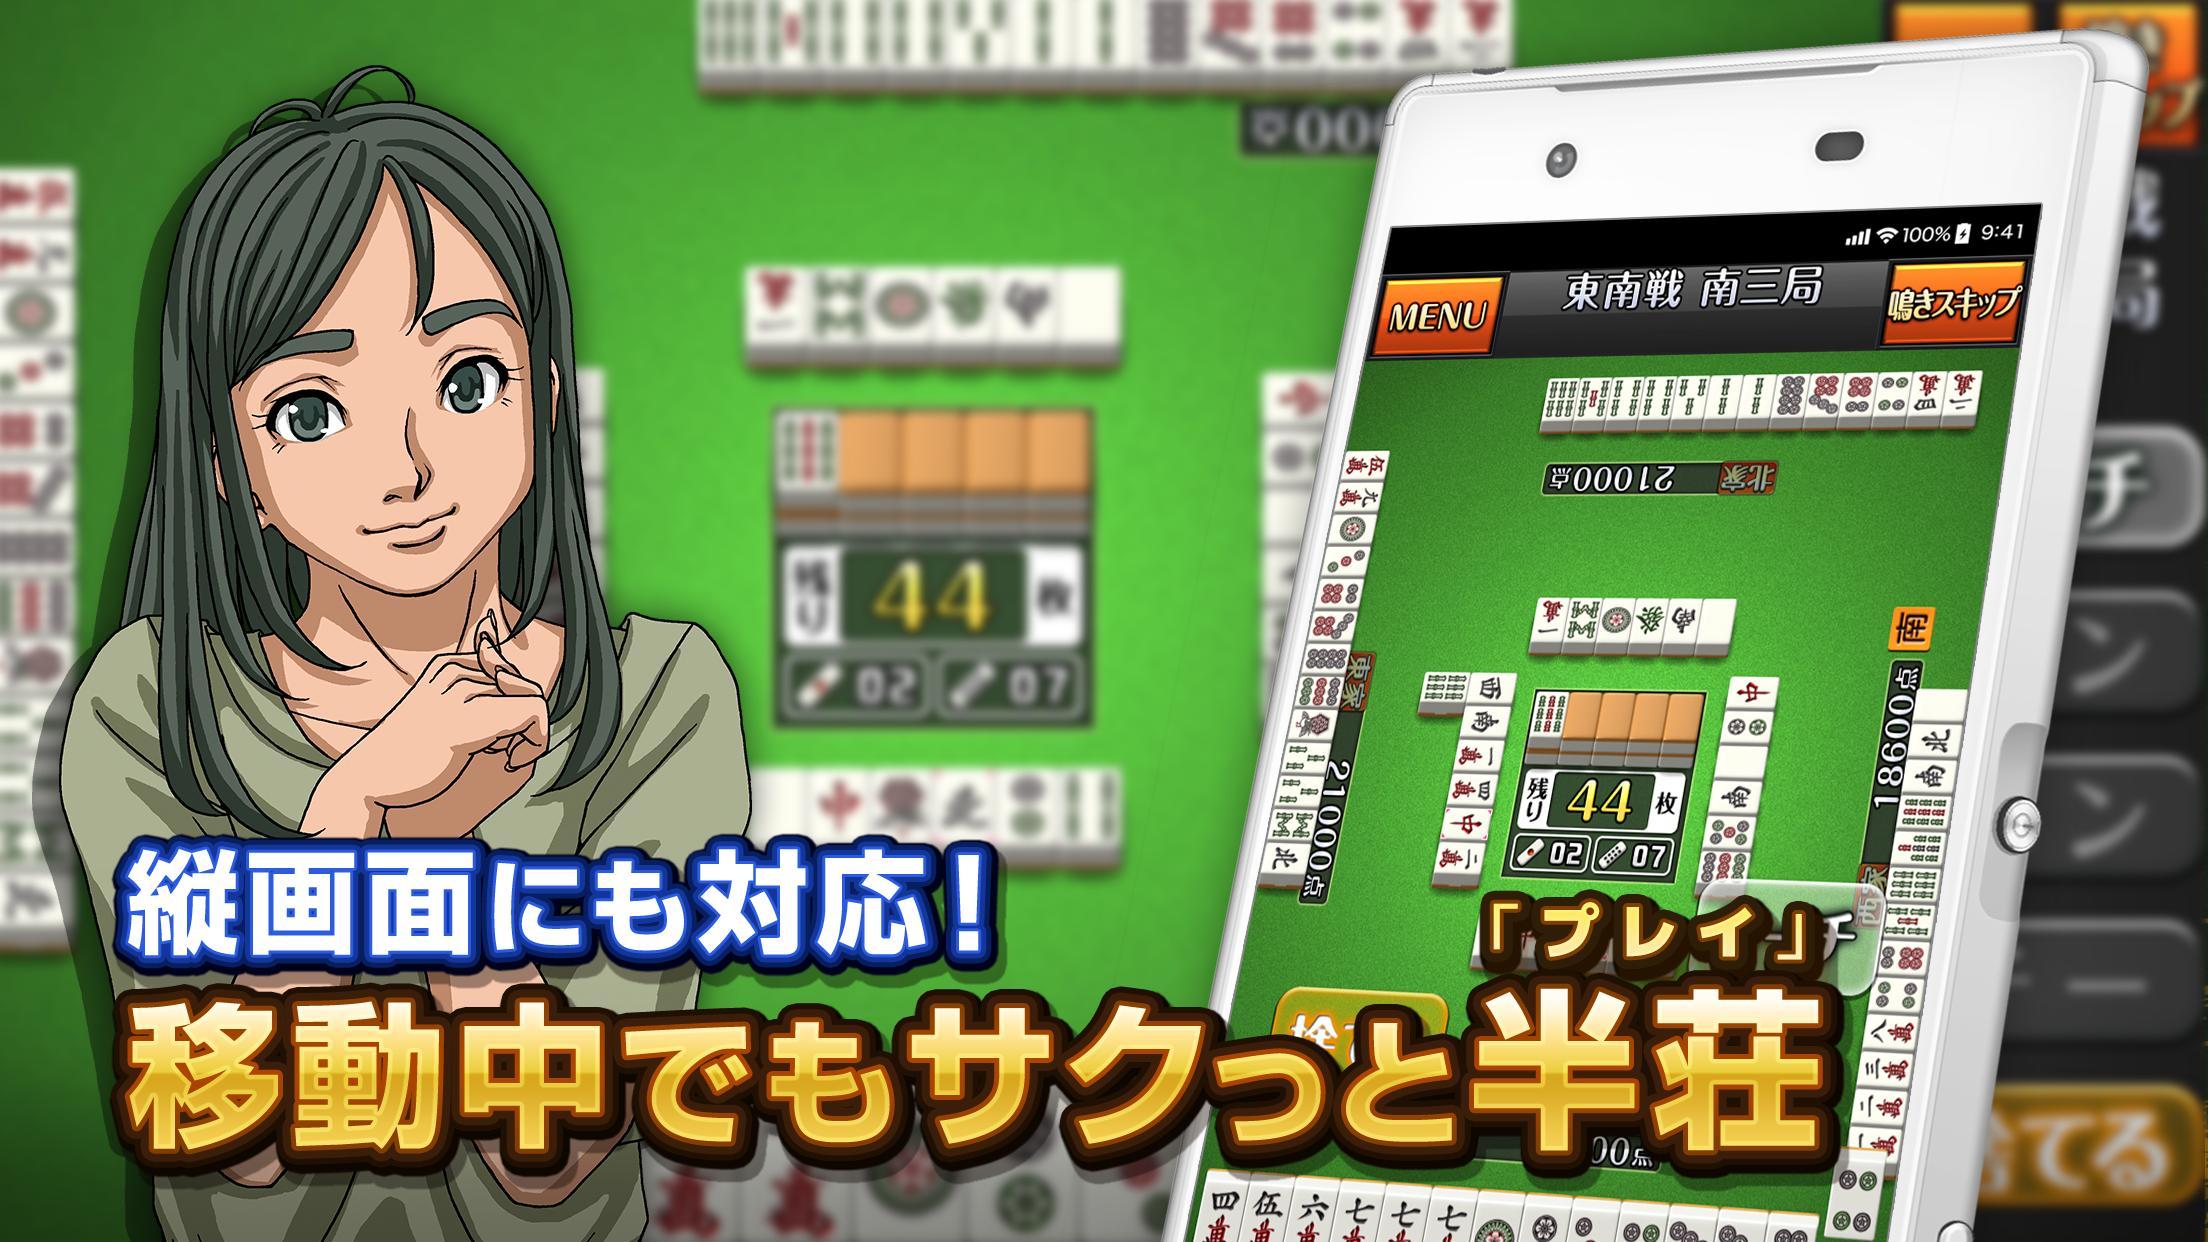 みんなの麻雀 初心者も強くなれるランキング戦が楽しい本格麻雀【無料】 1.1.12 Screenshot 3